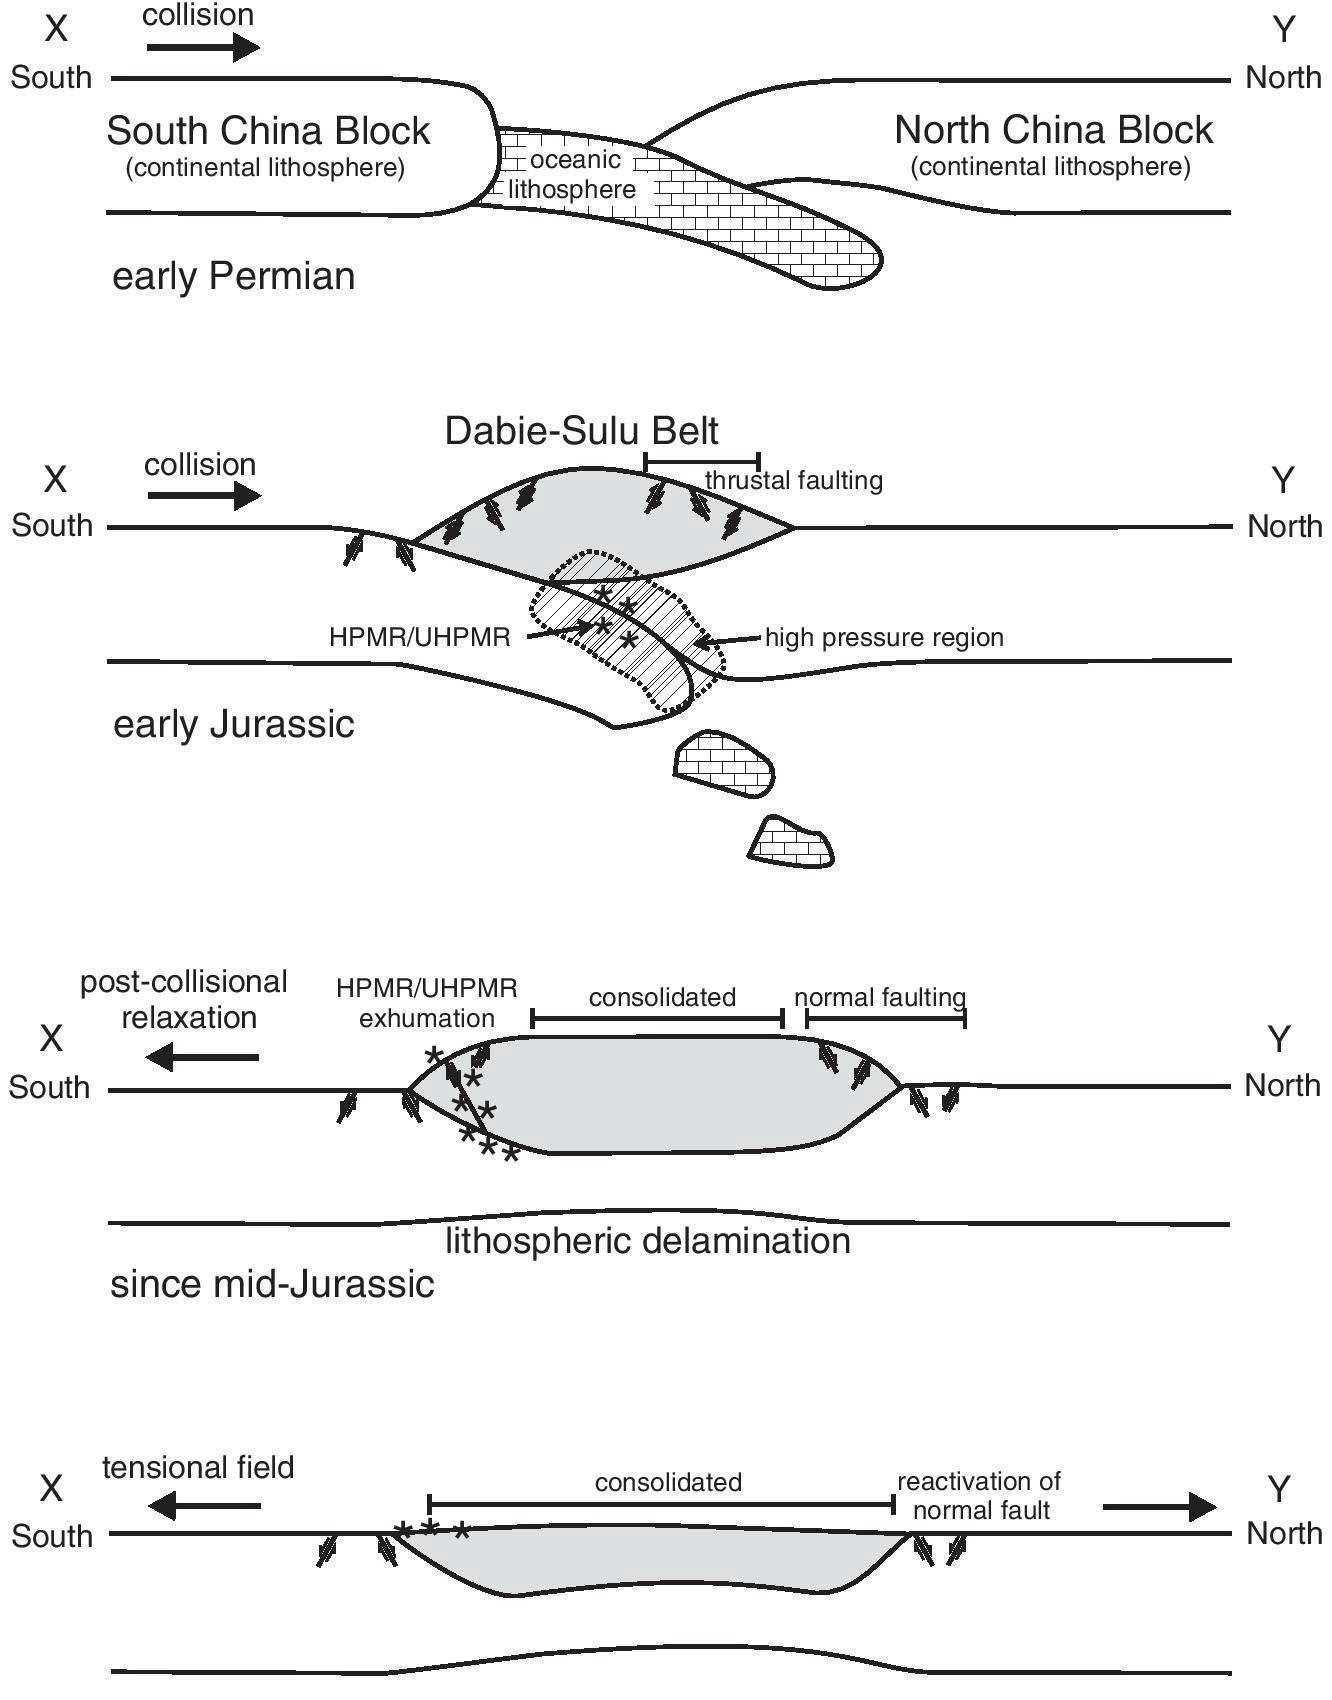 황해에서의 북중국판과 남중국판 사이의 충돌에 대한 도식화된 지구조적 발달 모델 (그림 3-4의 선 ??? ). 남중국판 (양쯔 육괴)은 페름기 초기부터 북중국판 (중한 육 괴)과 충돌하였다. 충돌은 주라기 초기에 종료되었으며, 다비-수루 충돌대가 형성되었다. 충돌대의 말단에서는 역단층 구조가 형성되며, 판 사이의 경계를 따라 고압 혹은 초고압 변성암 (high-pressure or ultarahigh-pressure metamorphic rock, HPMR or UHPMR)이 생성된다. 충돌 후 주라기 중기부터 지각의 델라미네이션 작용이 일어나 고압 및 초고압 변성암들을 상승시키고, 충돌대의 두께를 줄이며 충돌대 말단에서의 정단층 작용을 발생 시킨다. 충돌대는 압밀되며, 말단부의 정단층들은 주변 응력장에 의해 활성화된다.